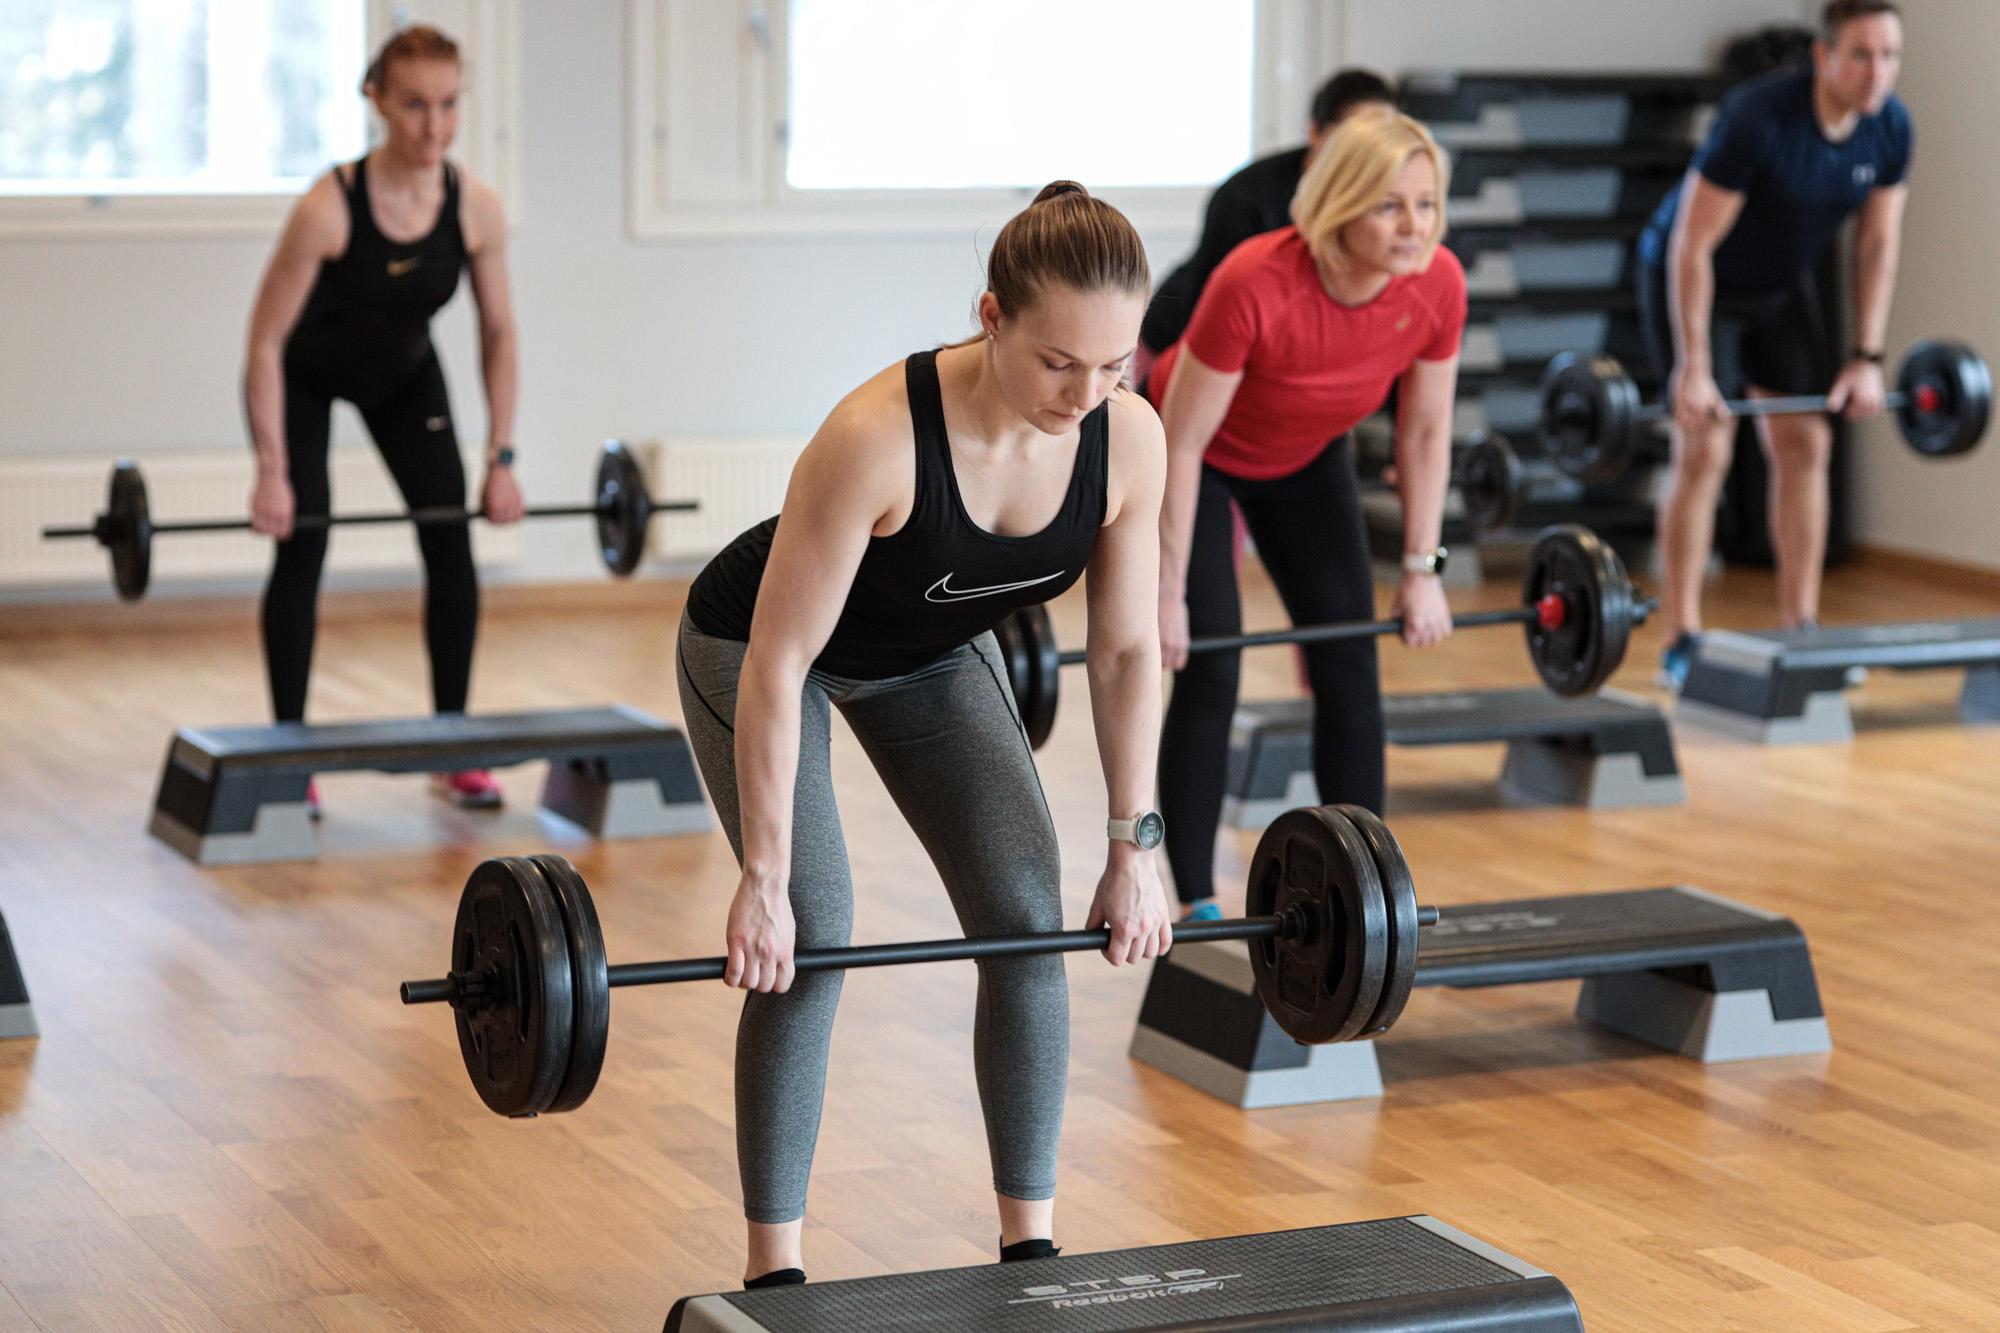 Lihaskuntoharjoittelua lisäpainoilla, ilman askelsarjoja.